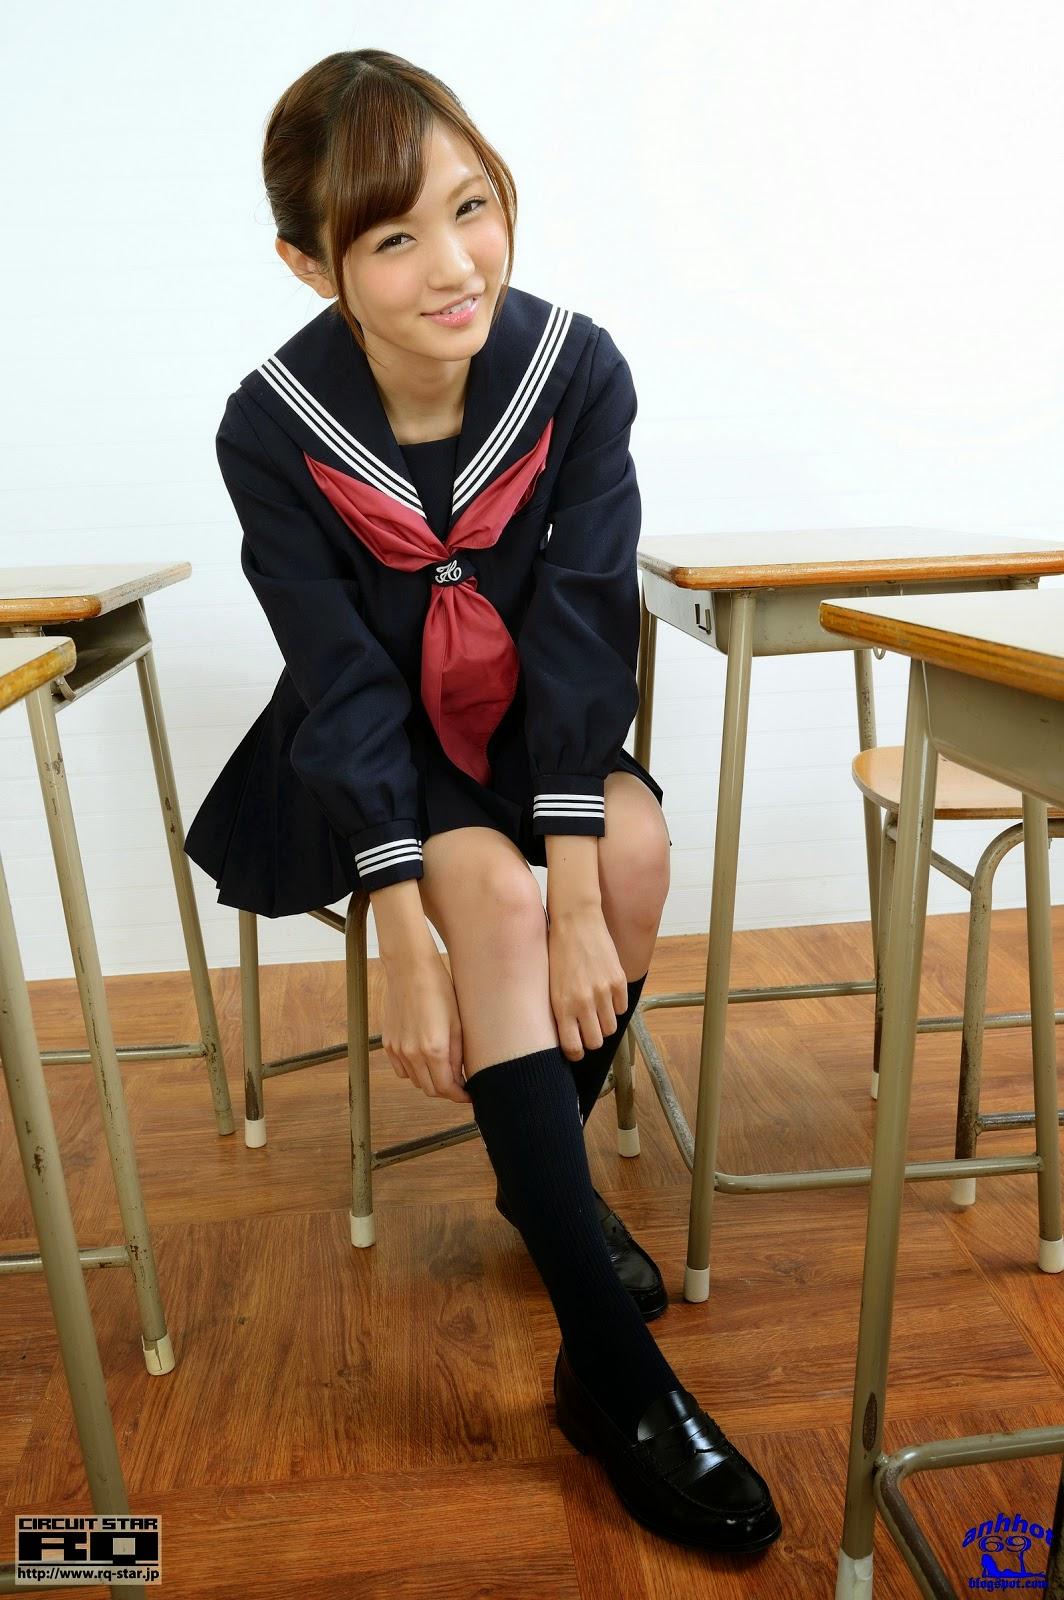 haruka-kanzaki-02420642